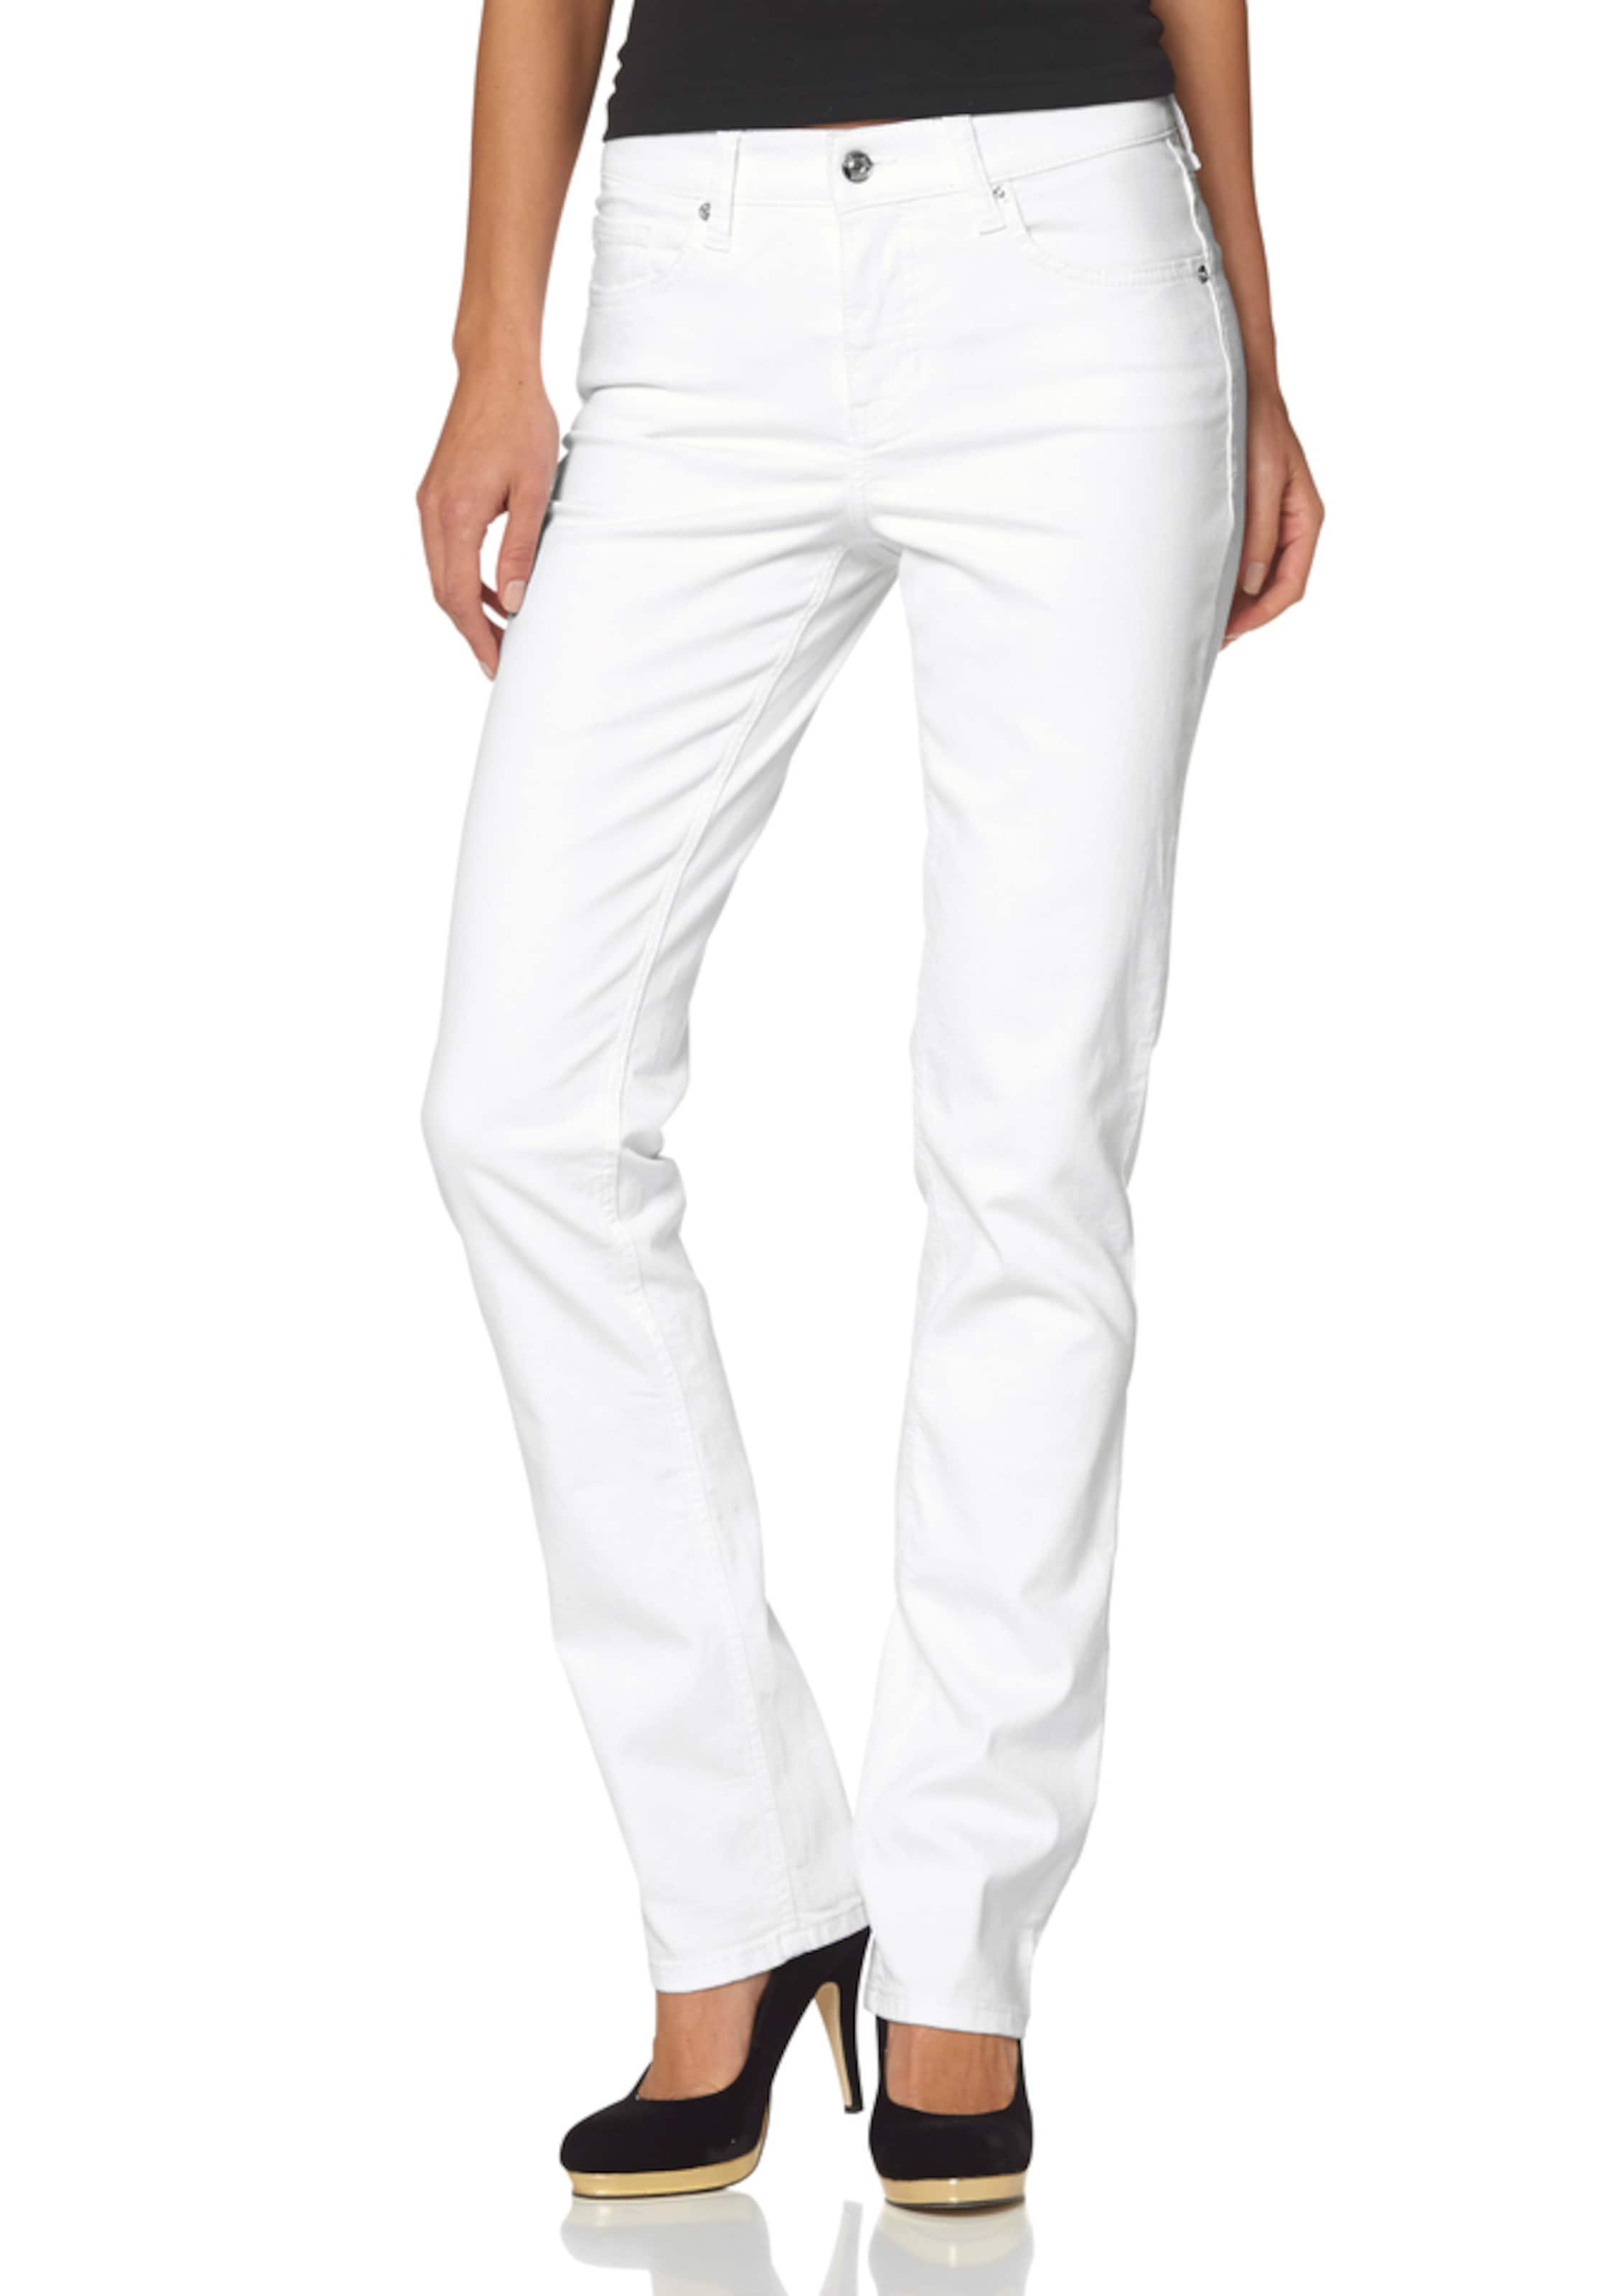 MAC 5-Pocket-Jeans Rabatt Billigsten Auslassstellen Günstiger Preis Brandneue Unisex Günstig Online Bestellen Günstigen Preis Angebote 8KcfR